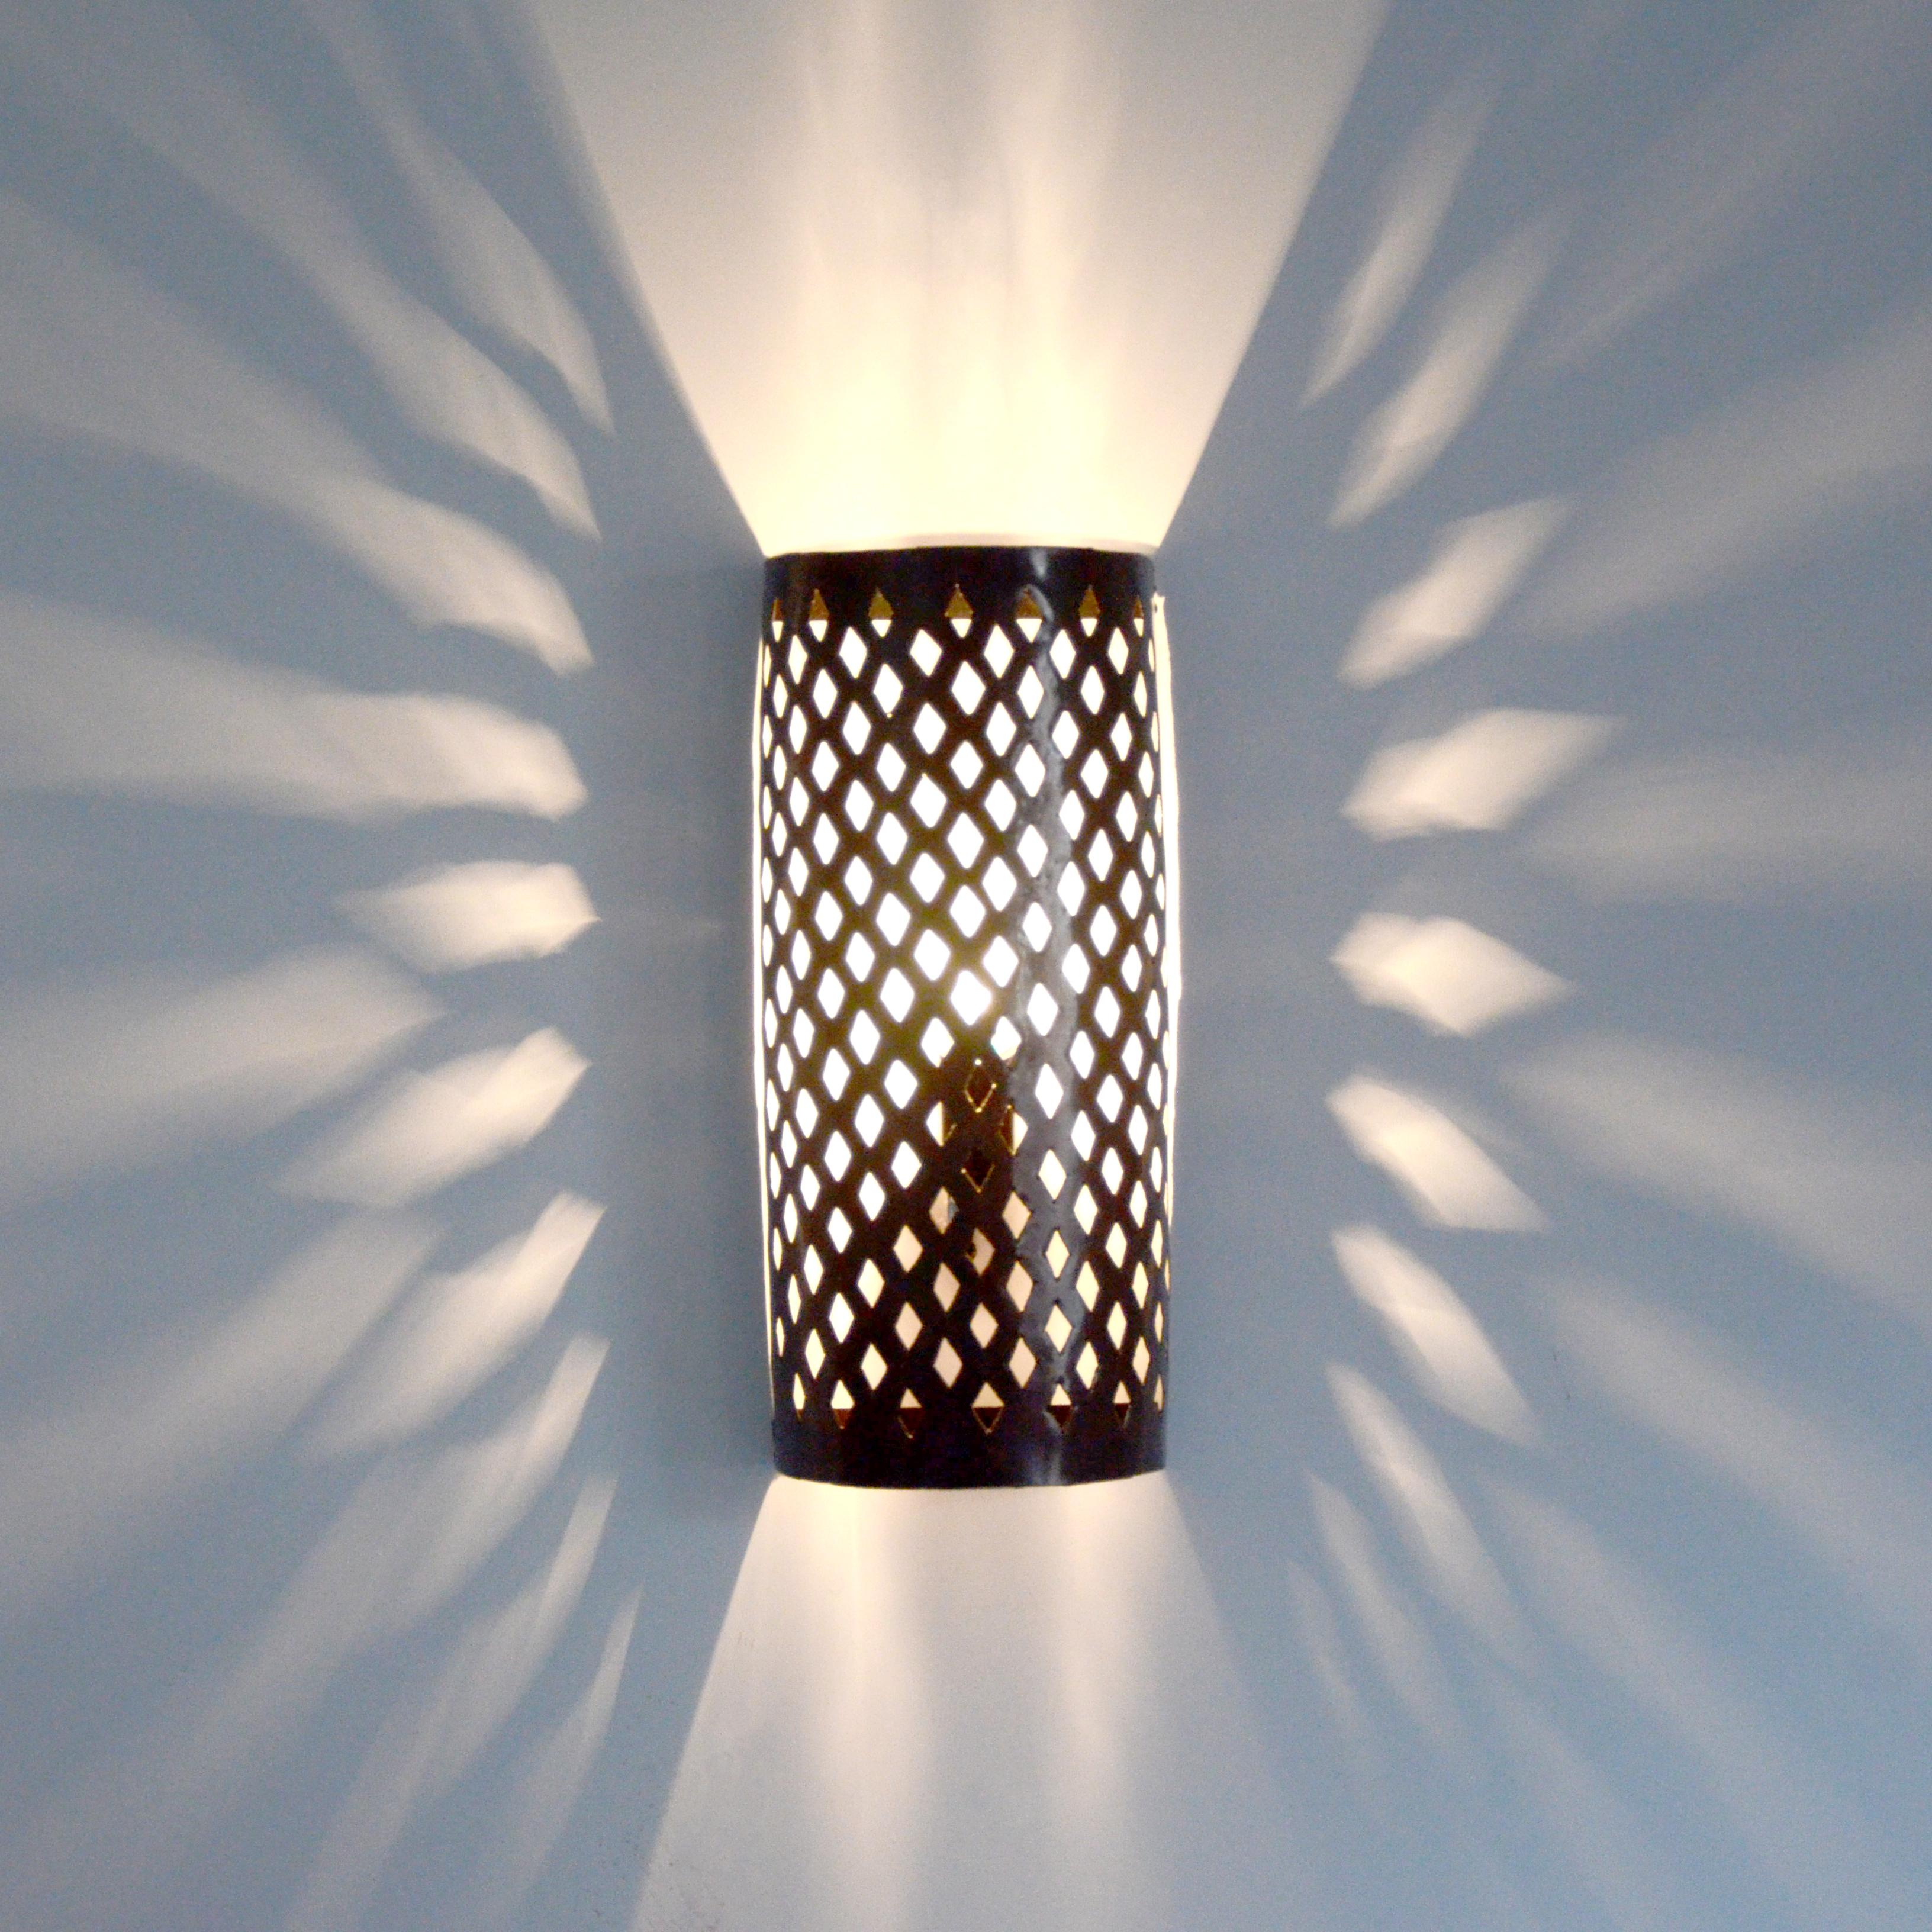 Orientalische wandlampe mw14 aus marokko l for Orientalische wandlampen metall